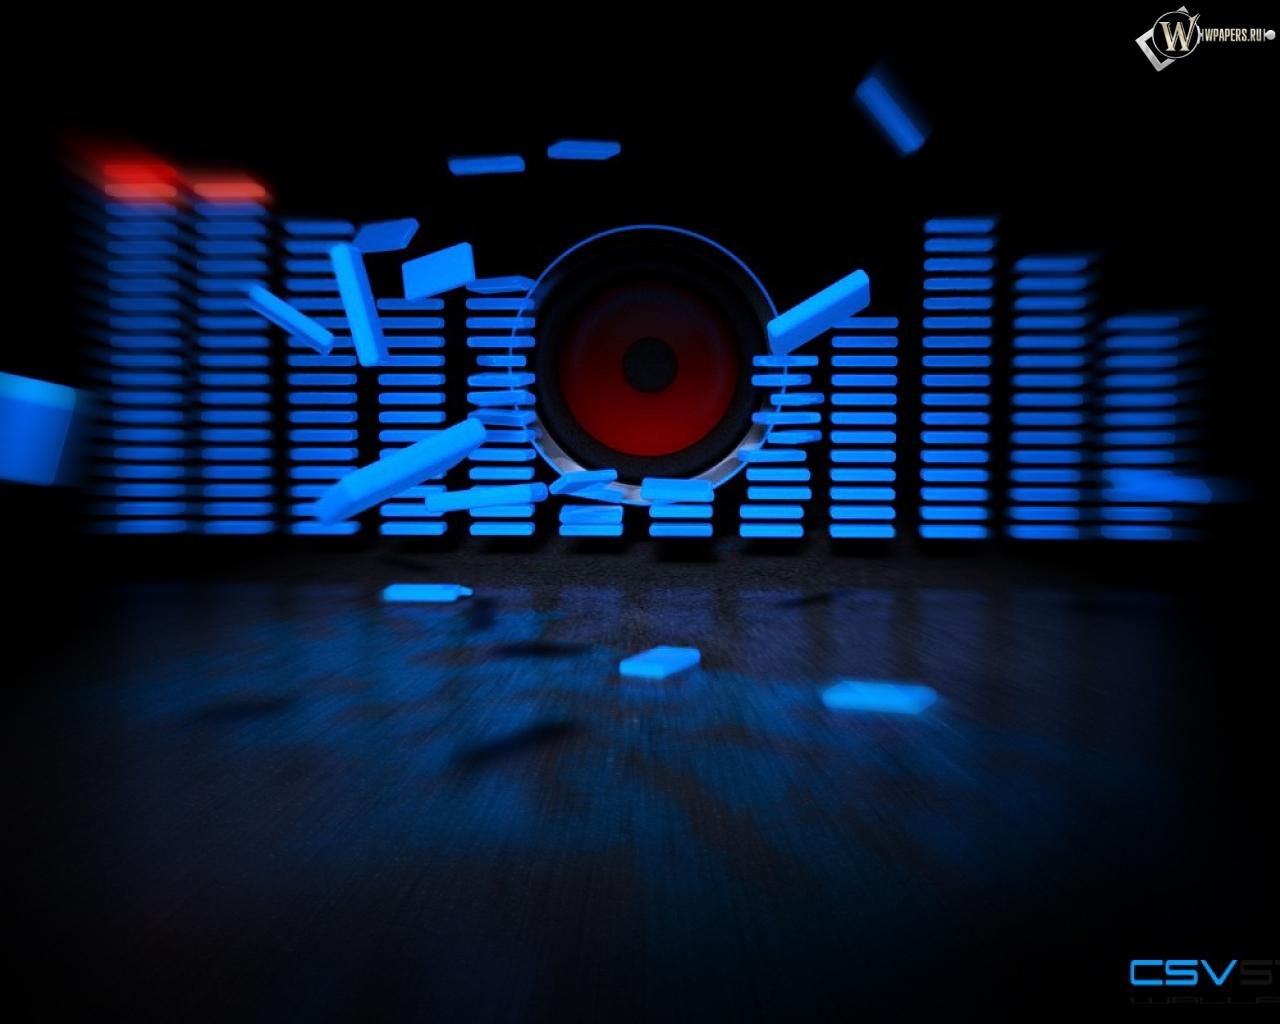 Клубняк - 3 - Мега-Бас скачать бесплатно песню и слушать онлайн